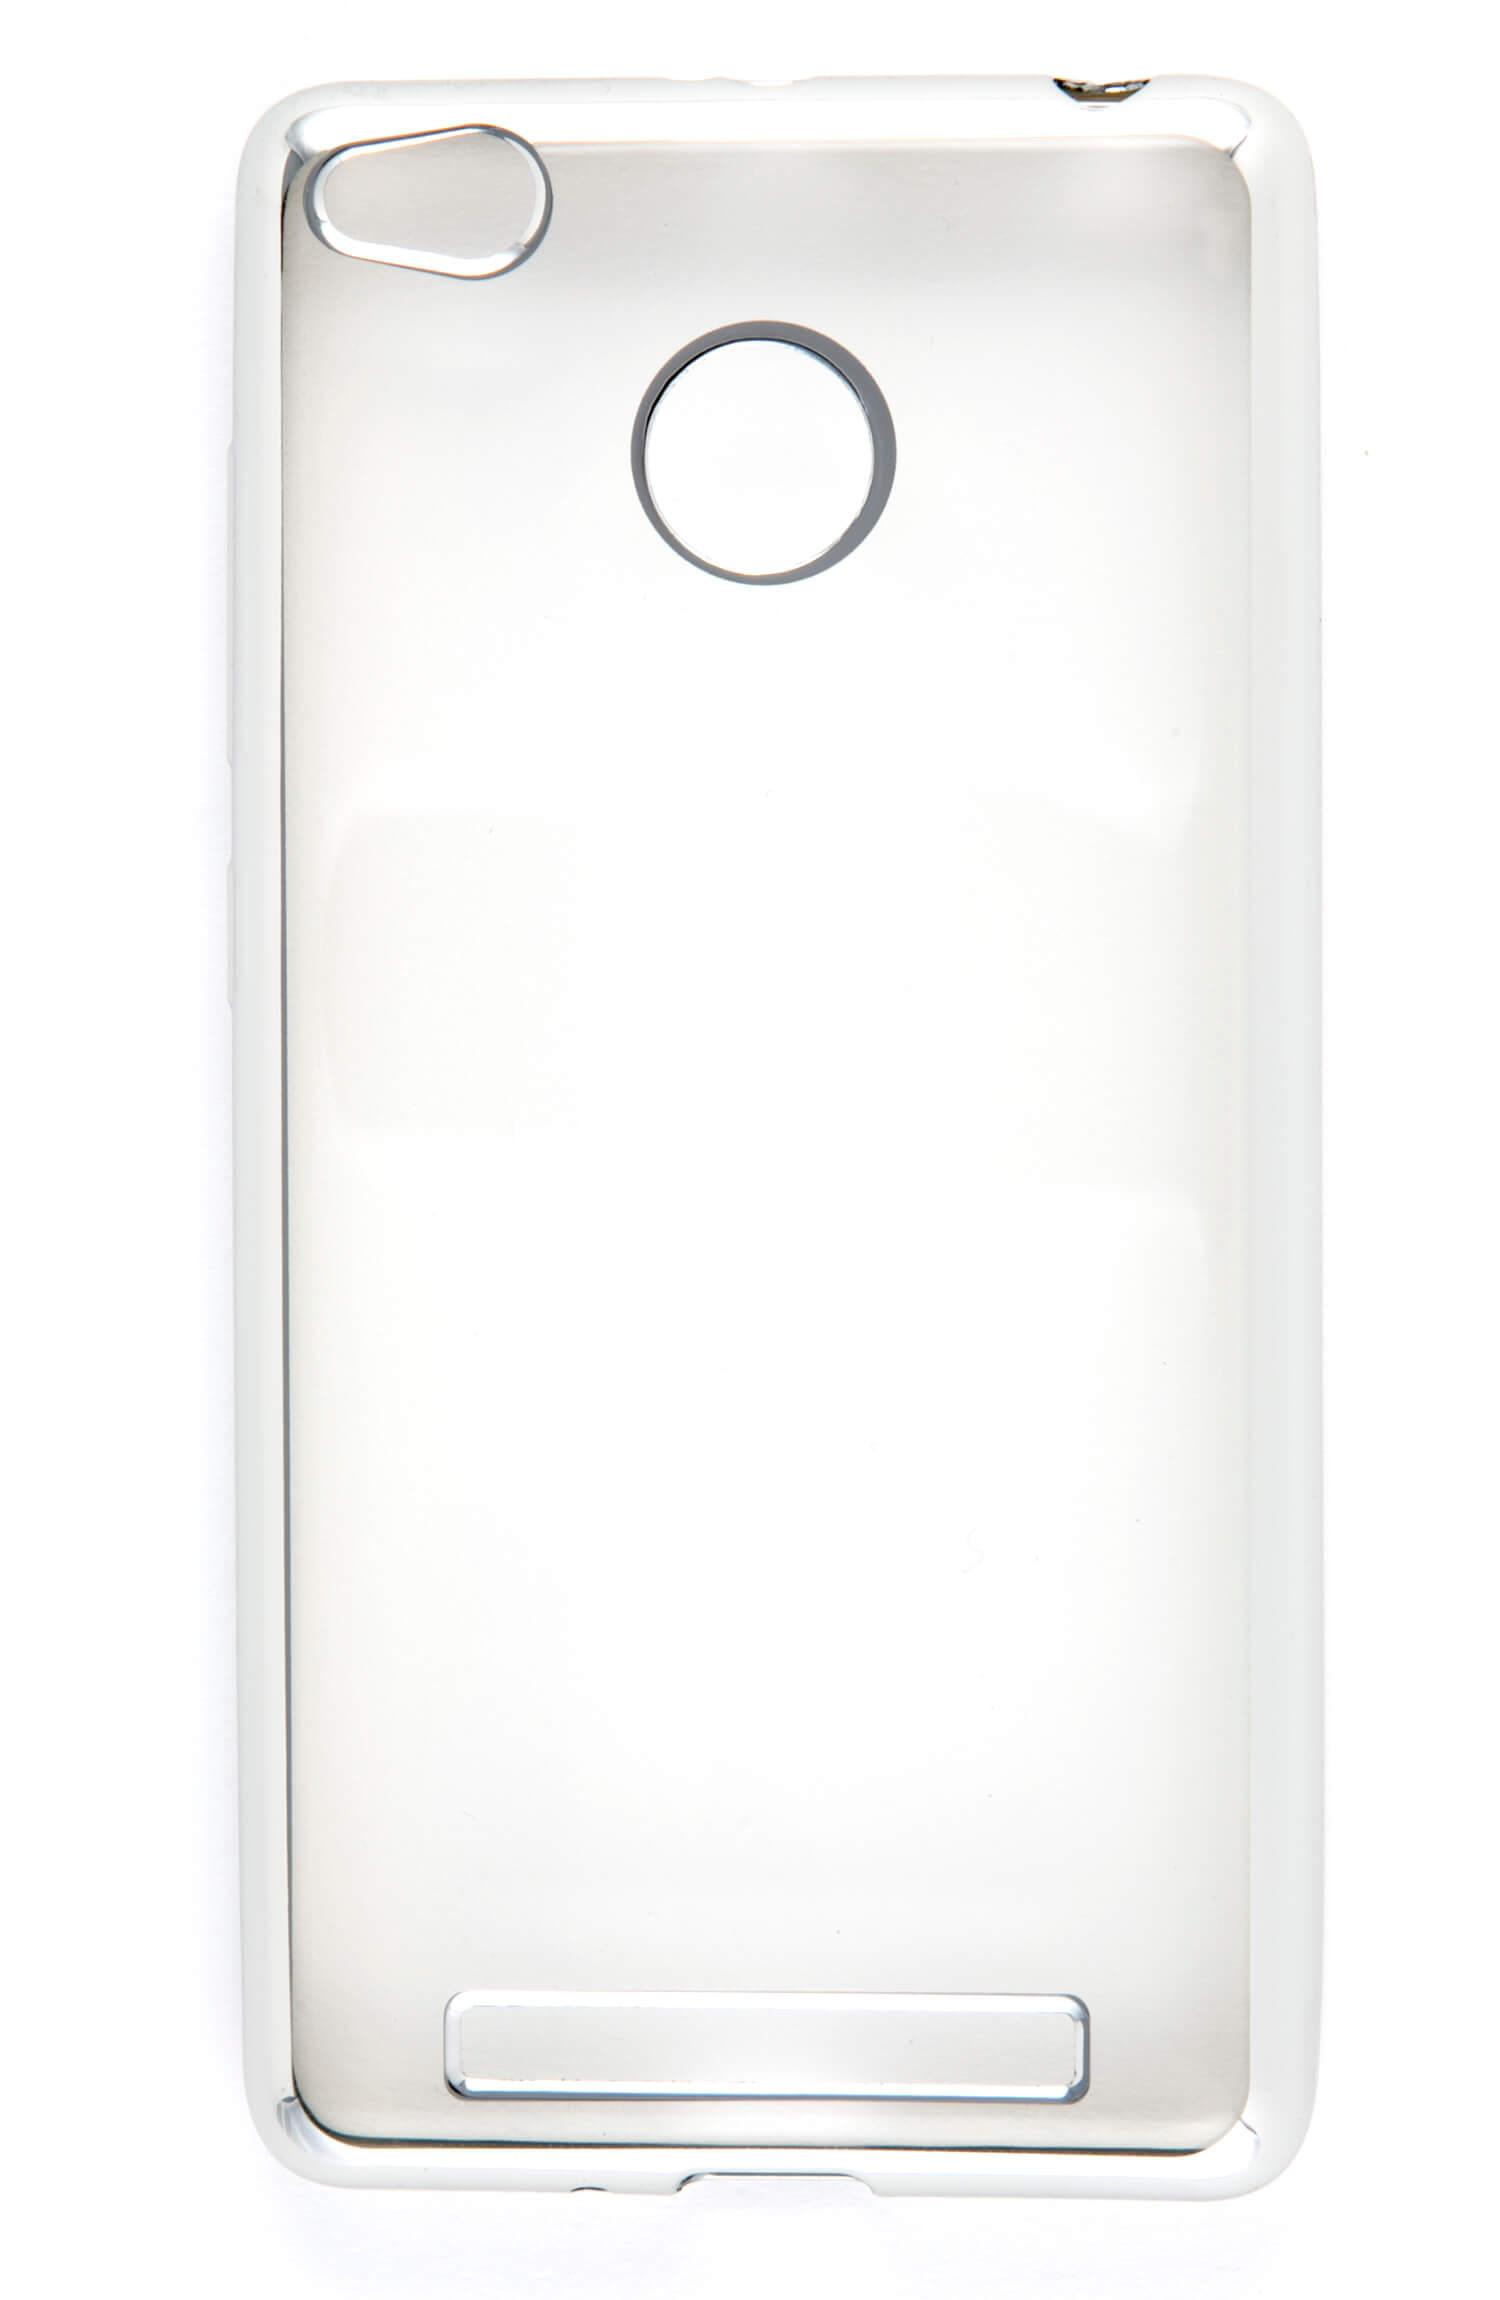 Накладка силикон iBox Blaze для Xiaomi Redmi 3/3s/3 Pro серебристый